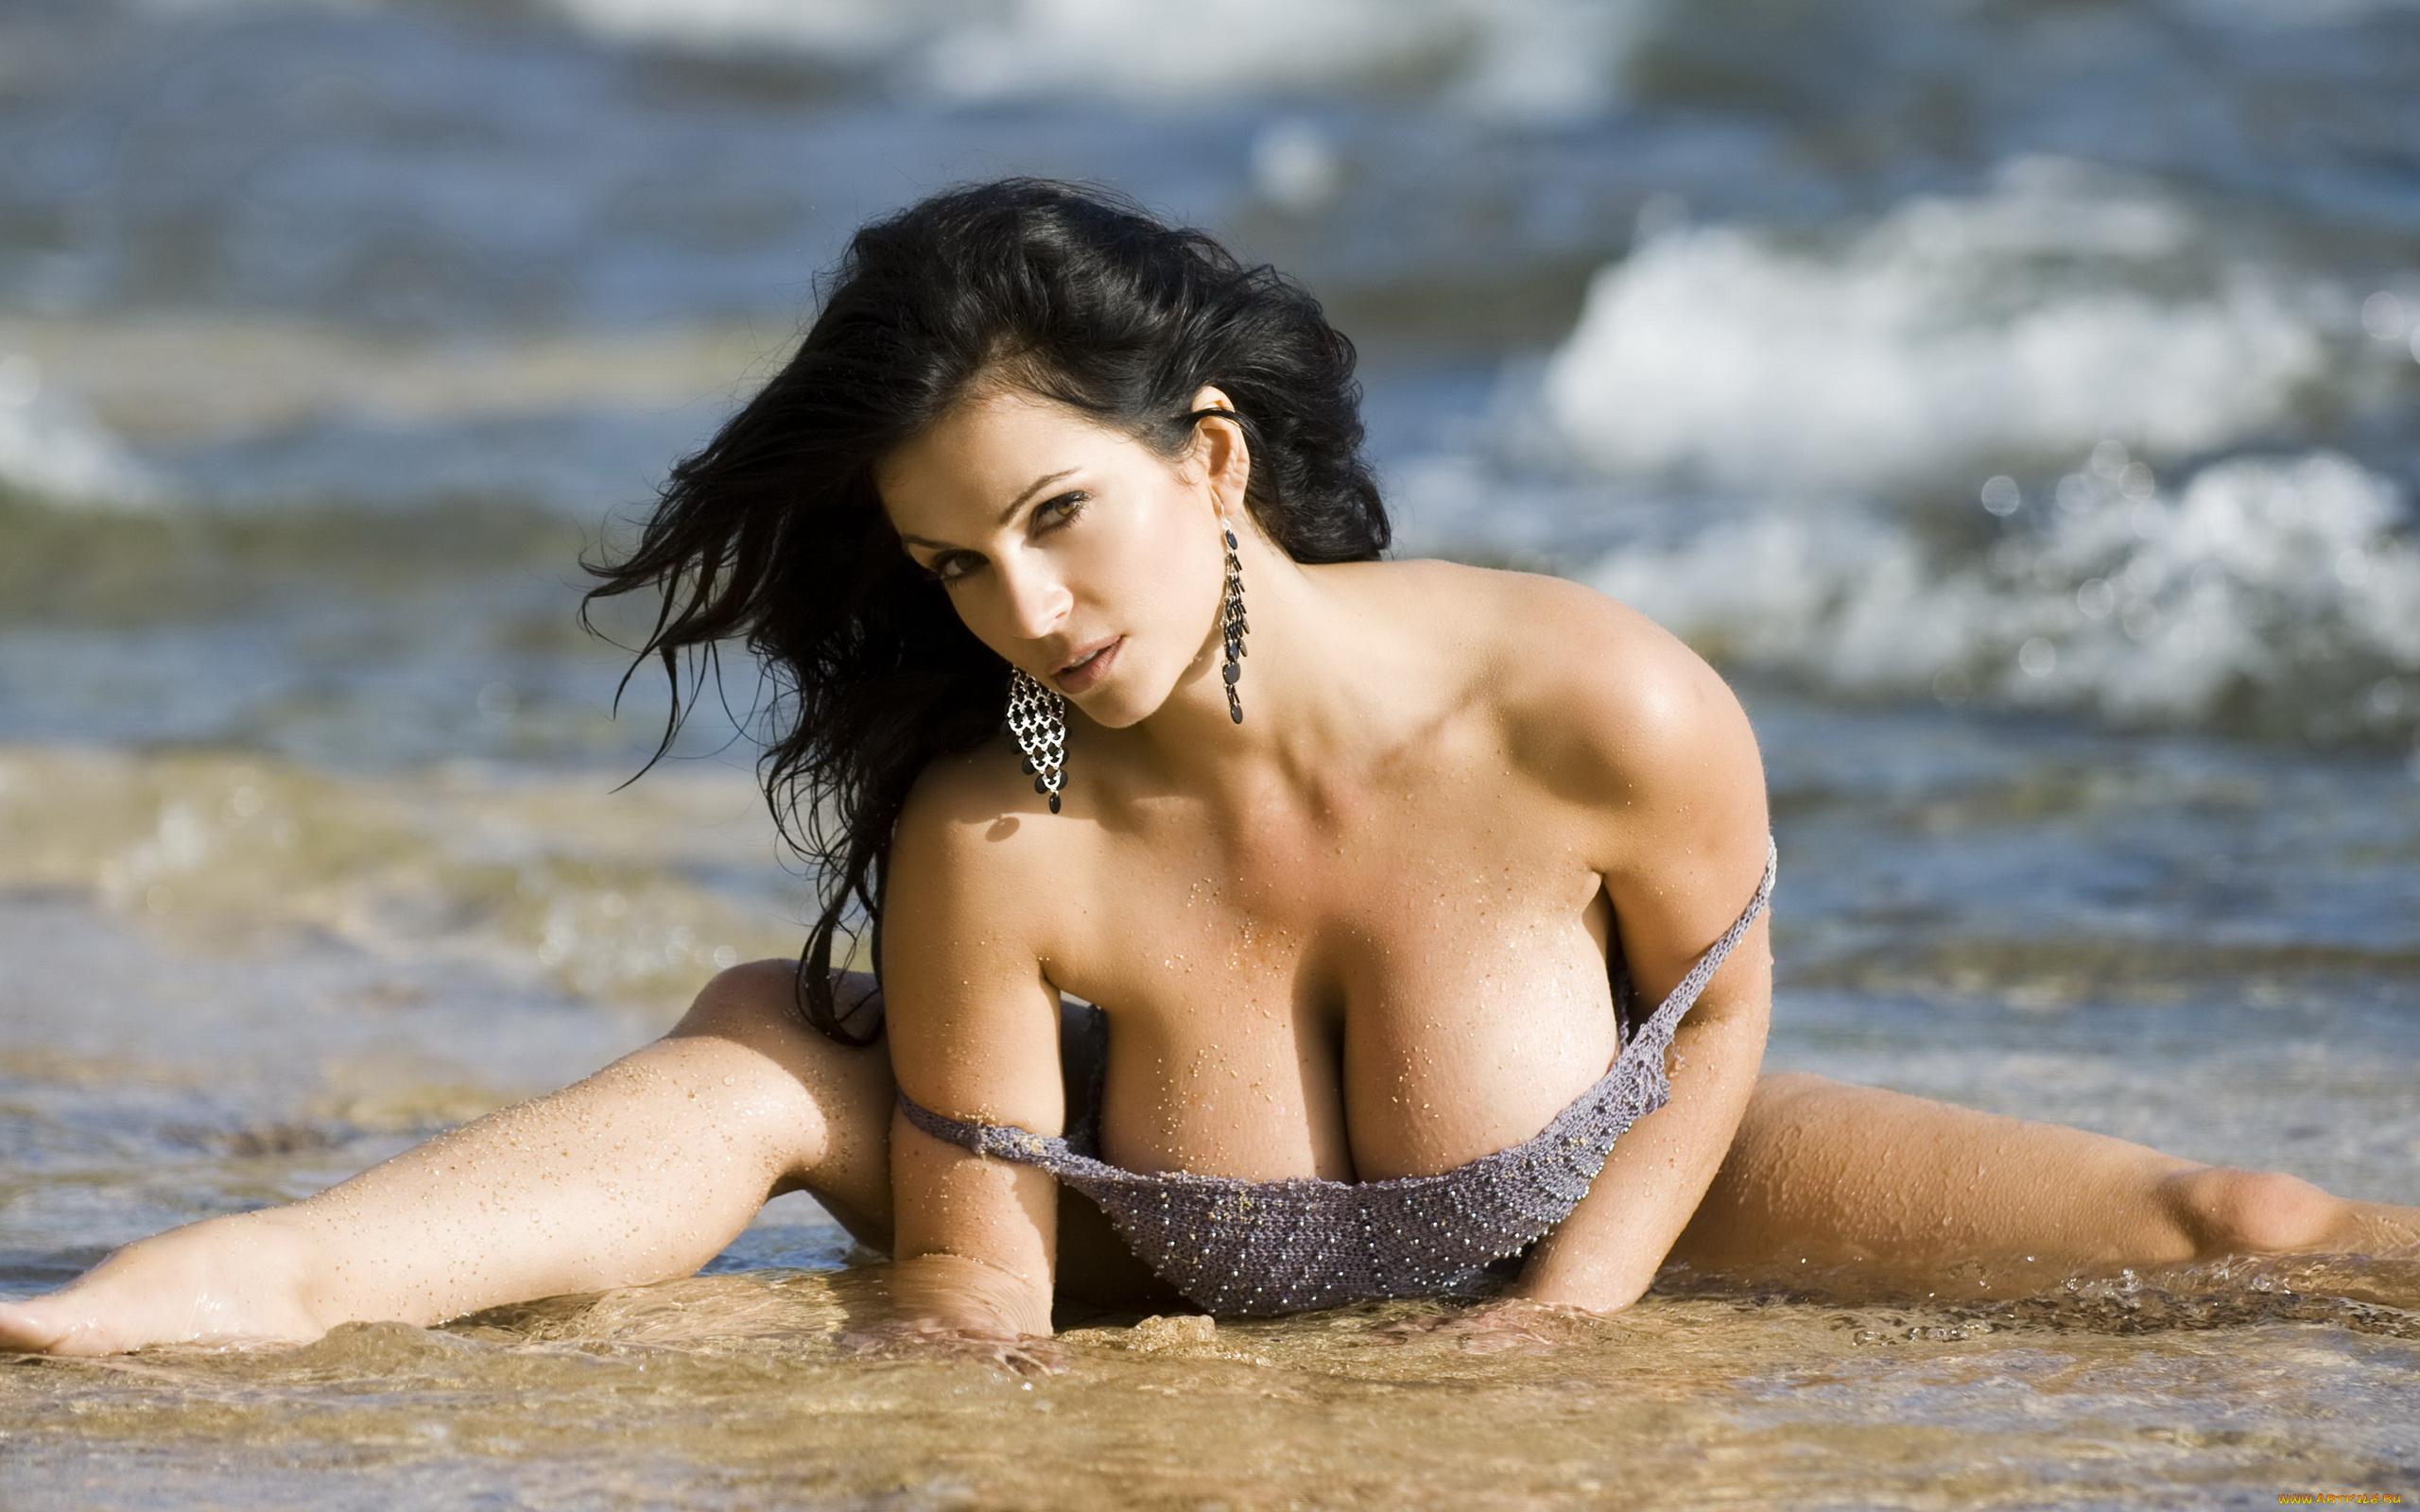 Смотреть фото голых девушек бесплатно крупно, Голые сексуальные девки крупным планом 14 фотография